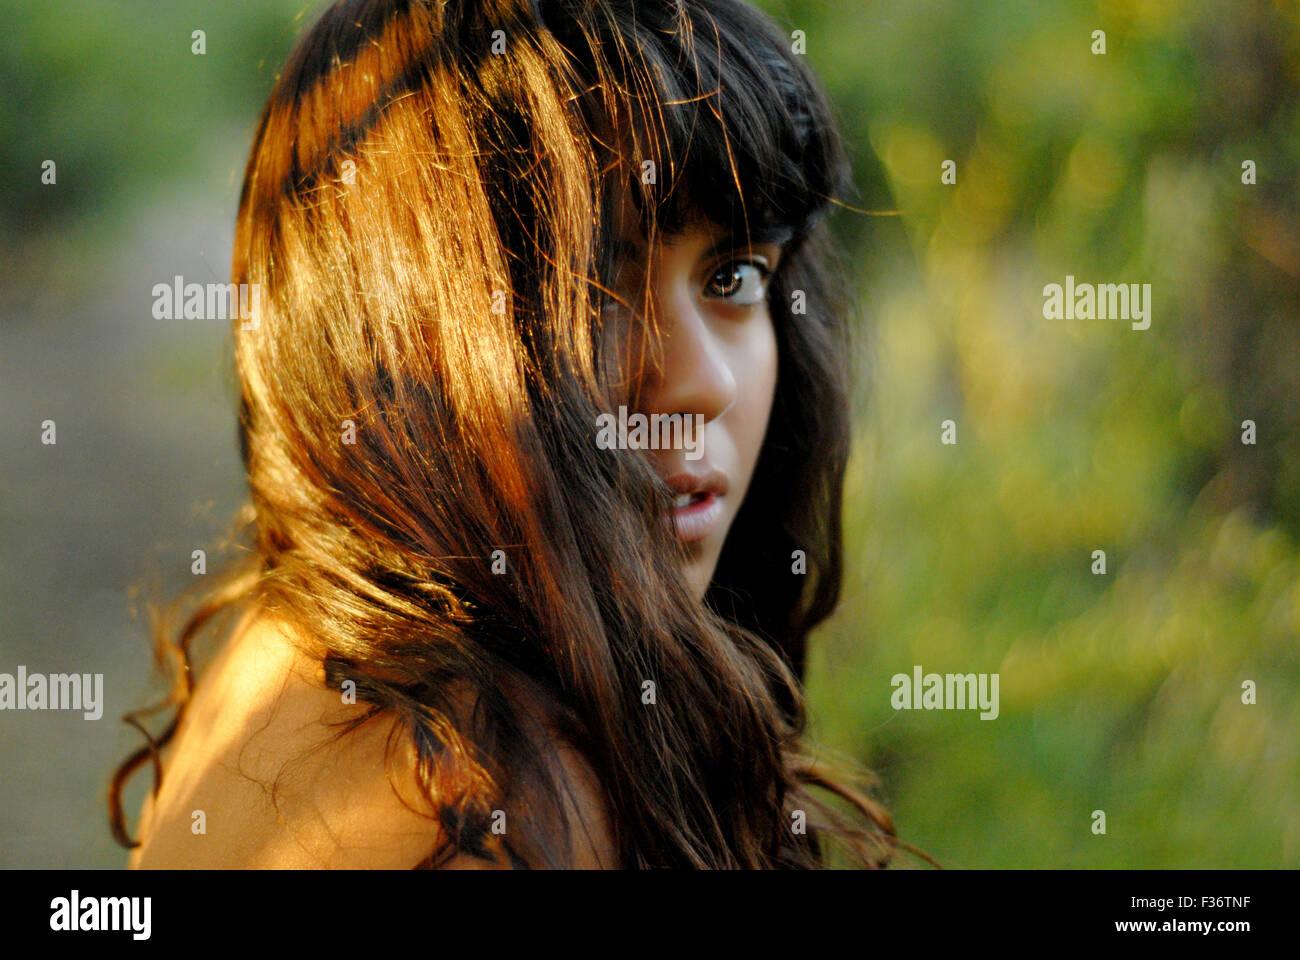 Fille sauvage avec des yeux verts au milieu de la jungle très regard profond reflet Photo Stock